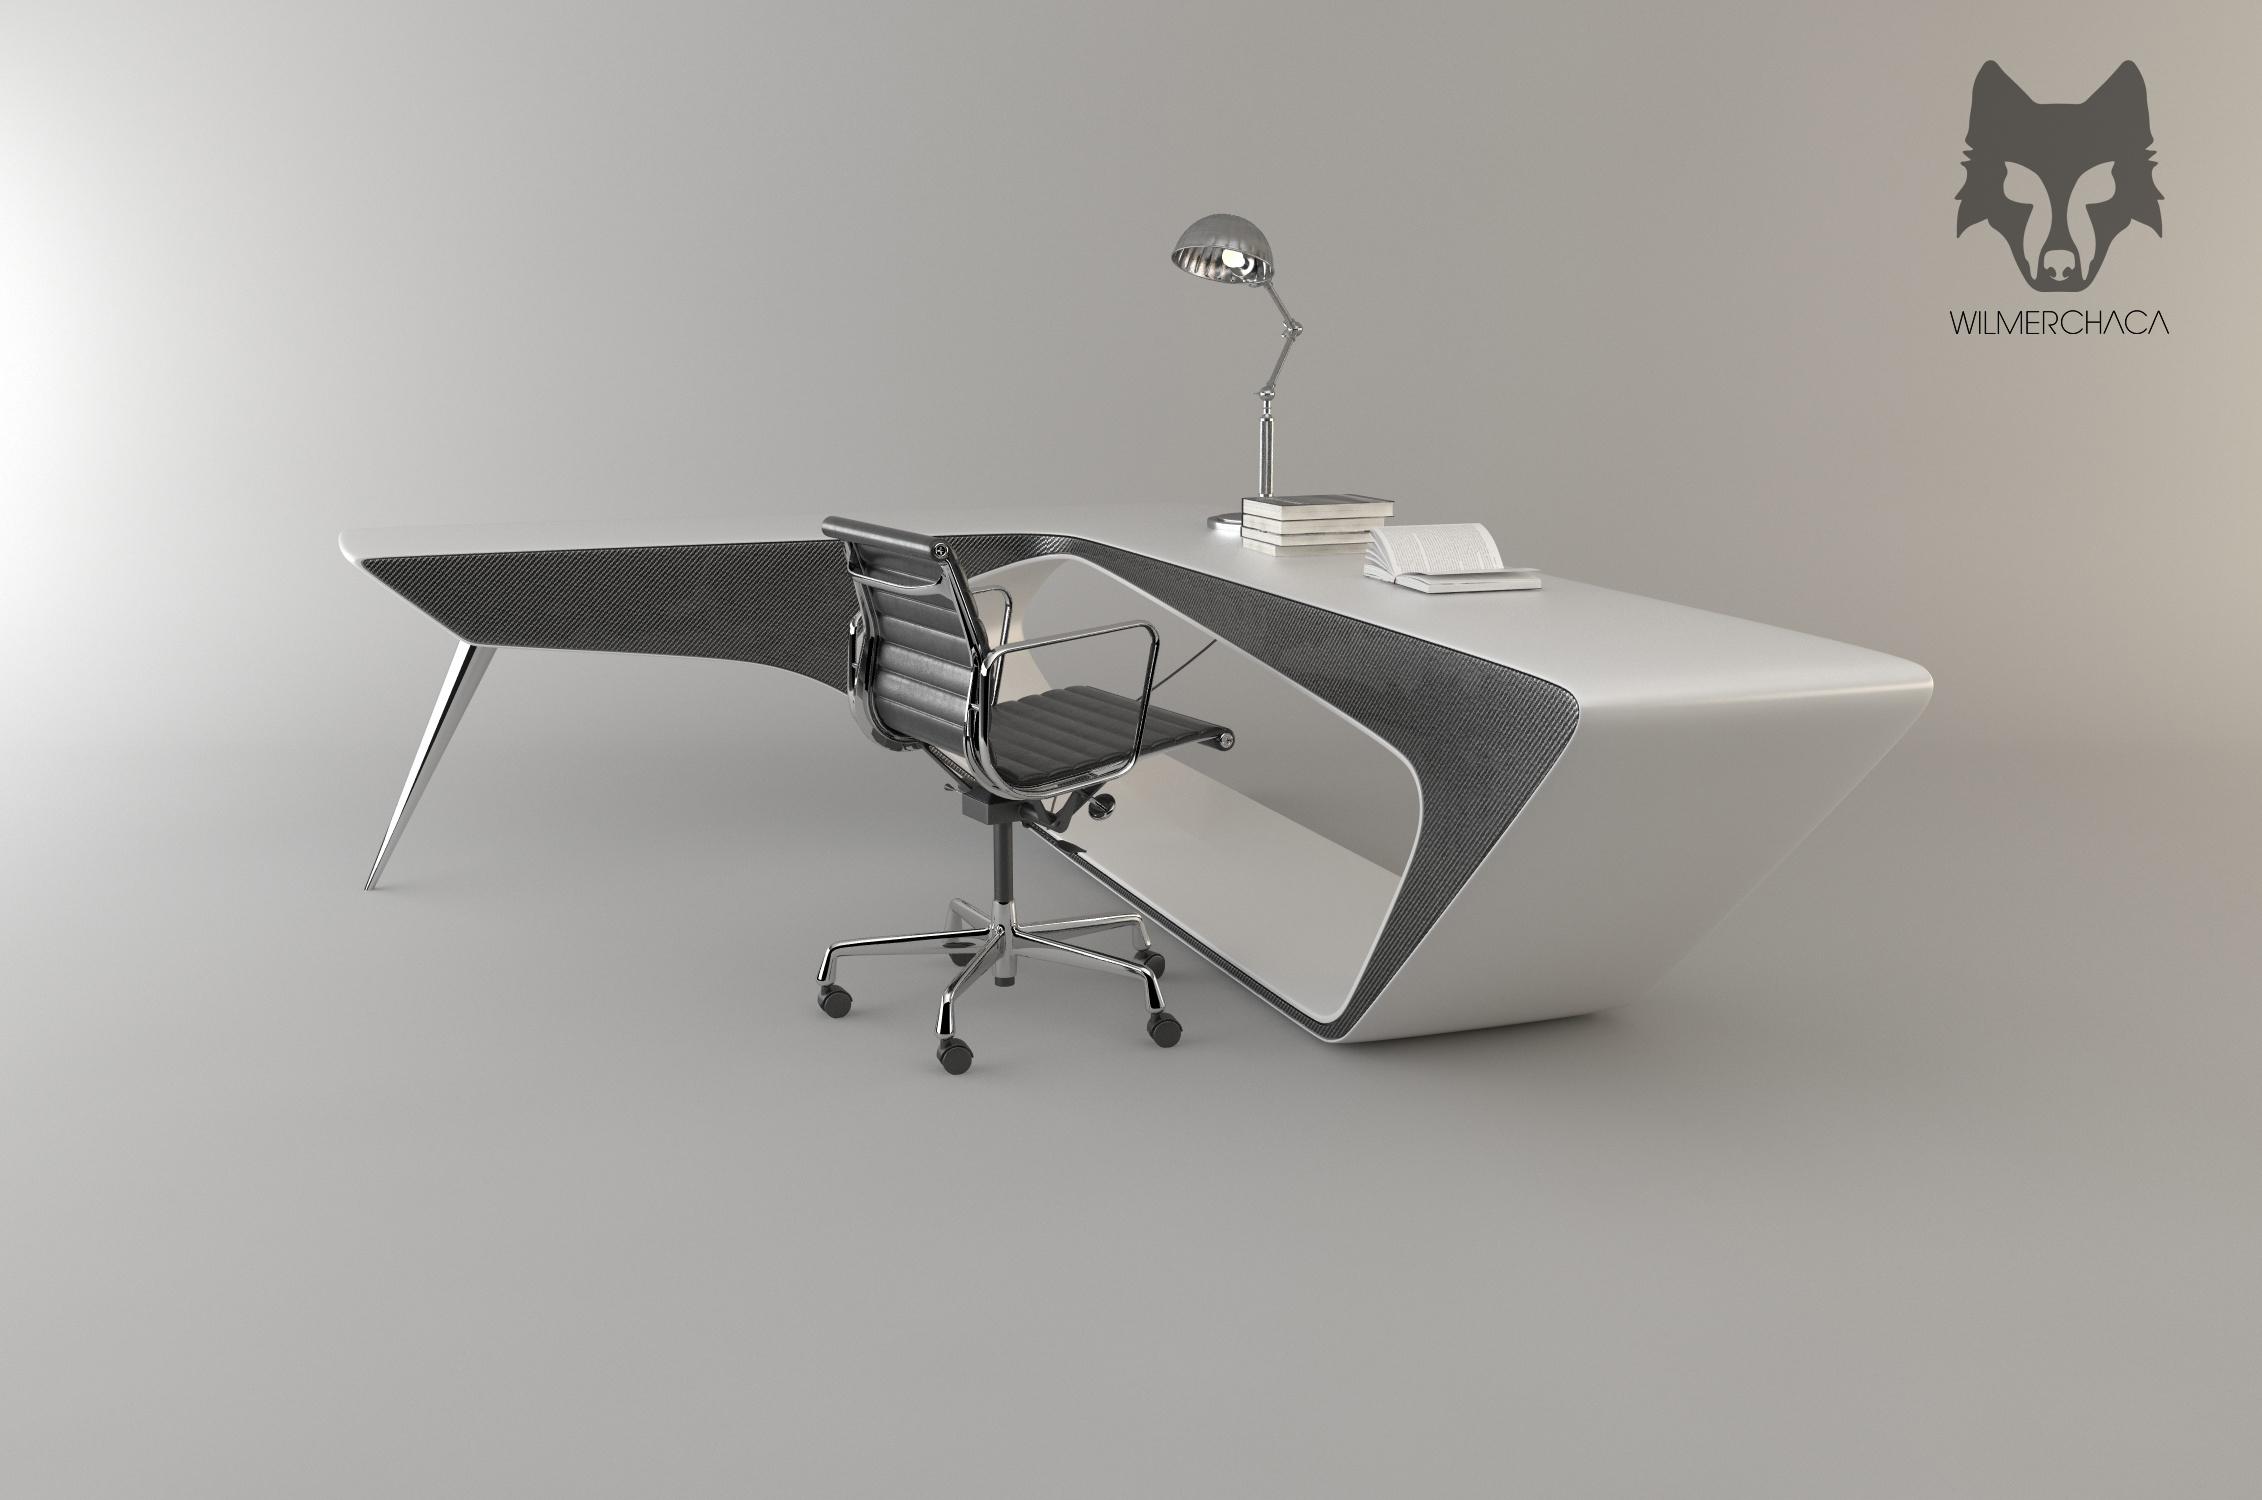 ergonomic chair là gì braun lift mystica by wilmer chaca at coroflot